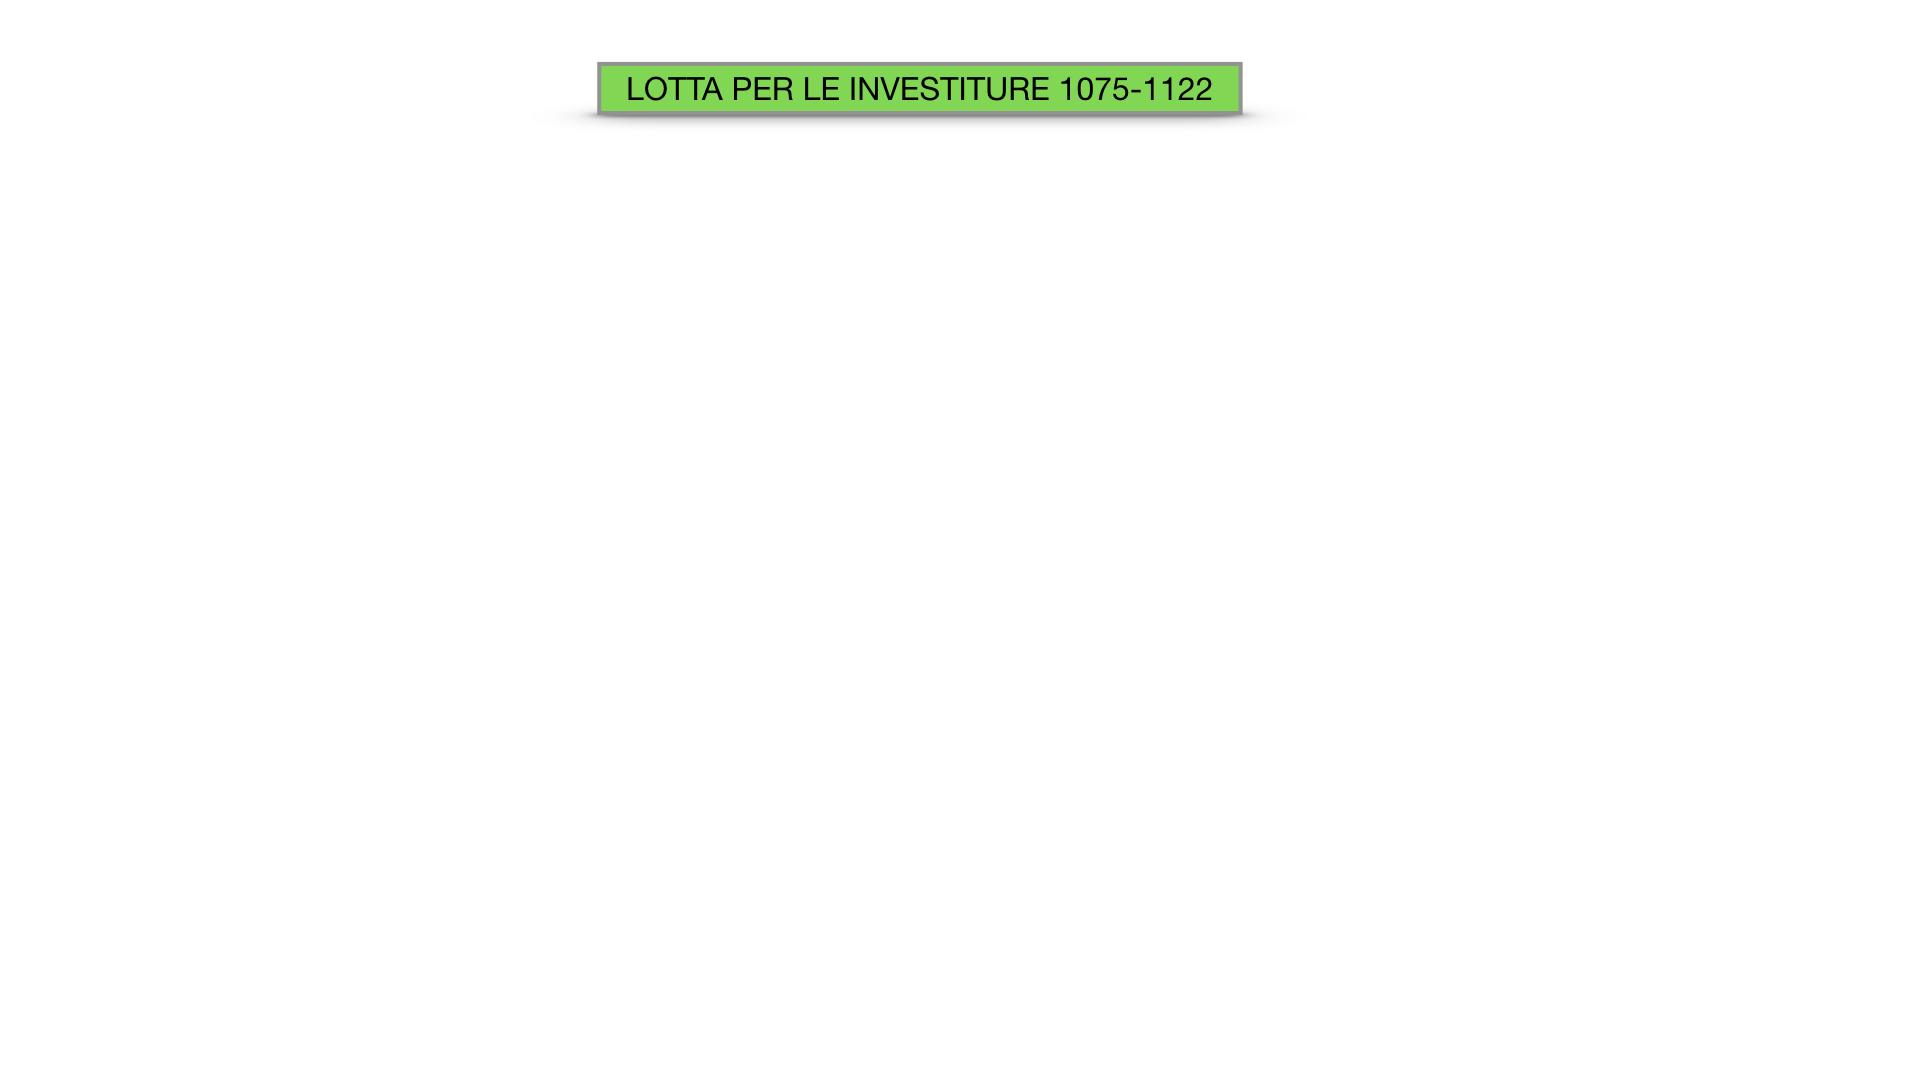 EXCURSUS LOTTA PAPATO IMPERO_SIMULAZIONE.022